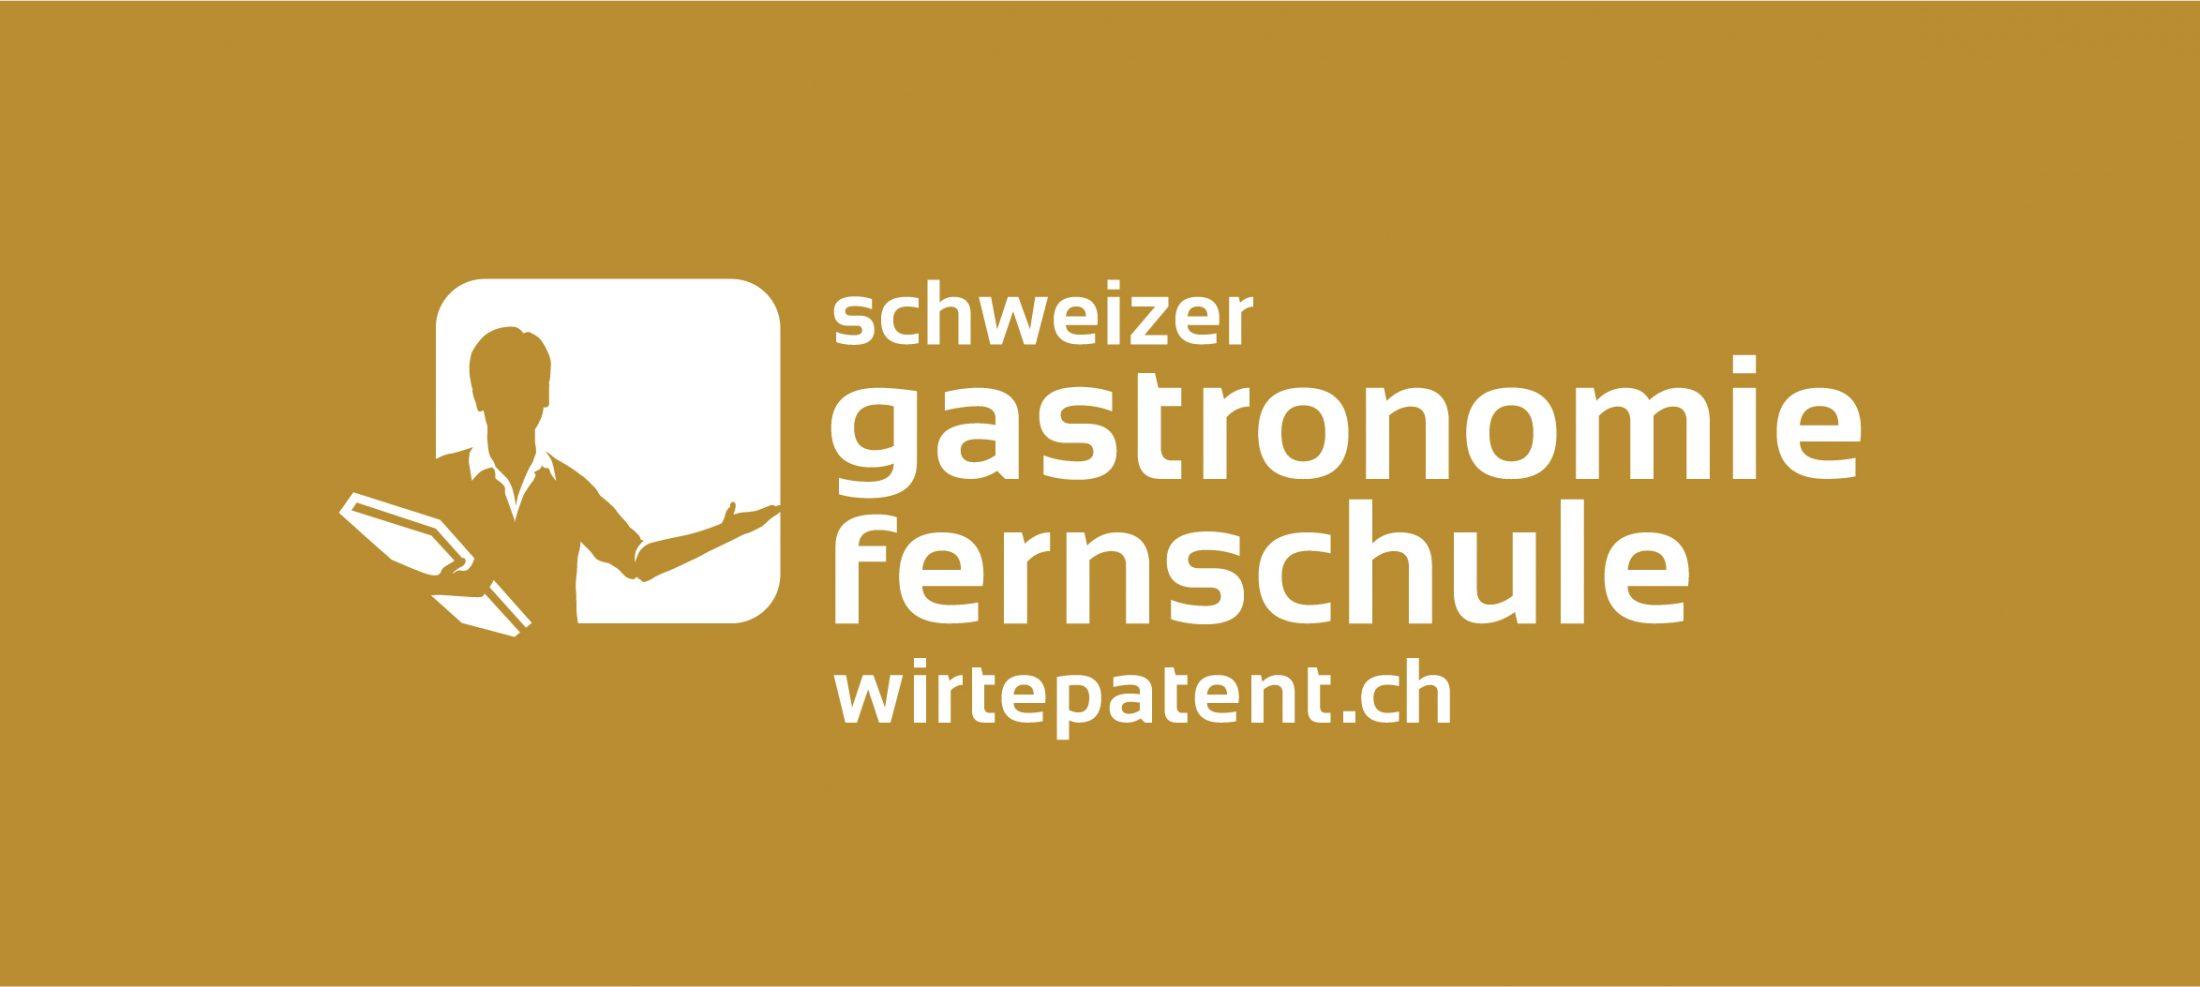 schweizer gastronomie fernschule - CafetierSuisse 3